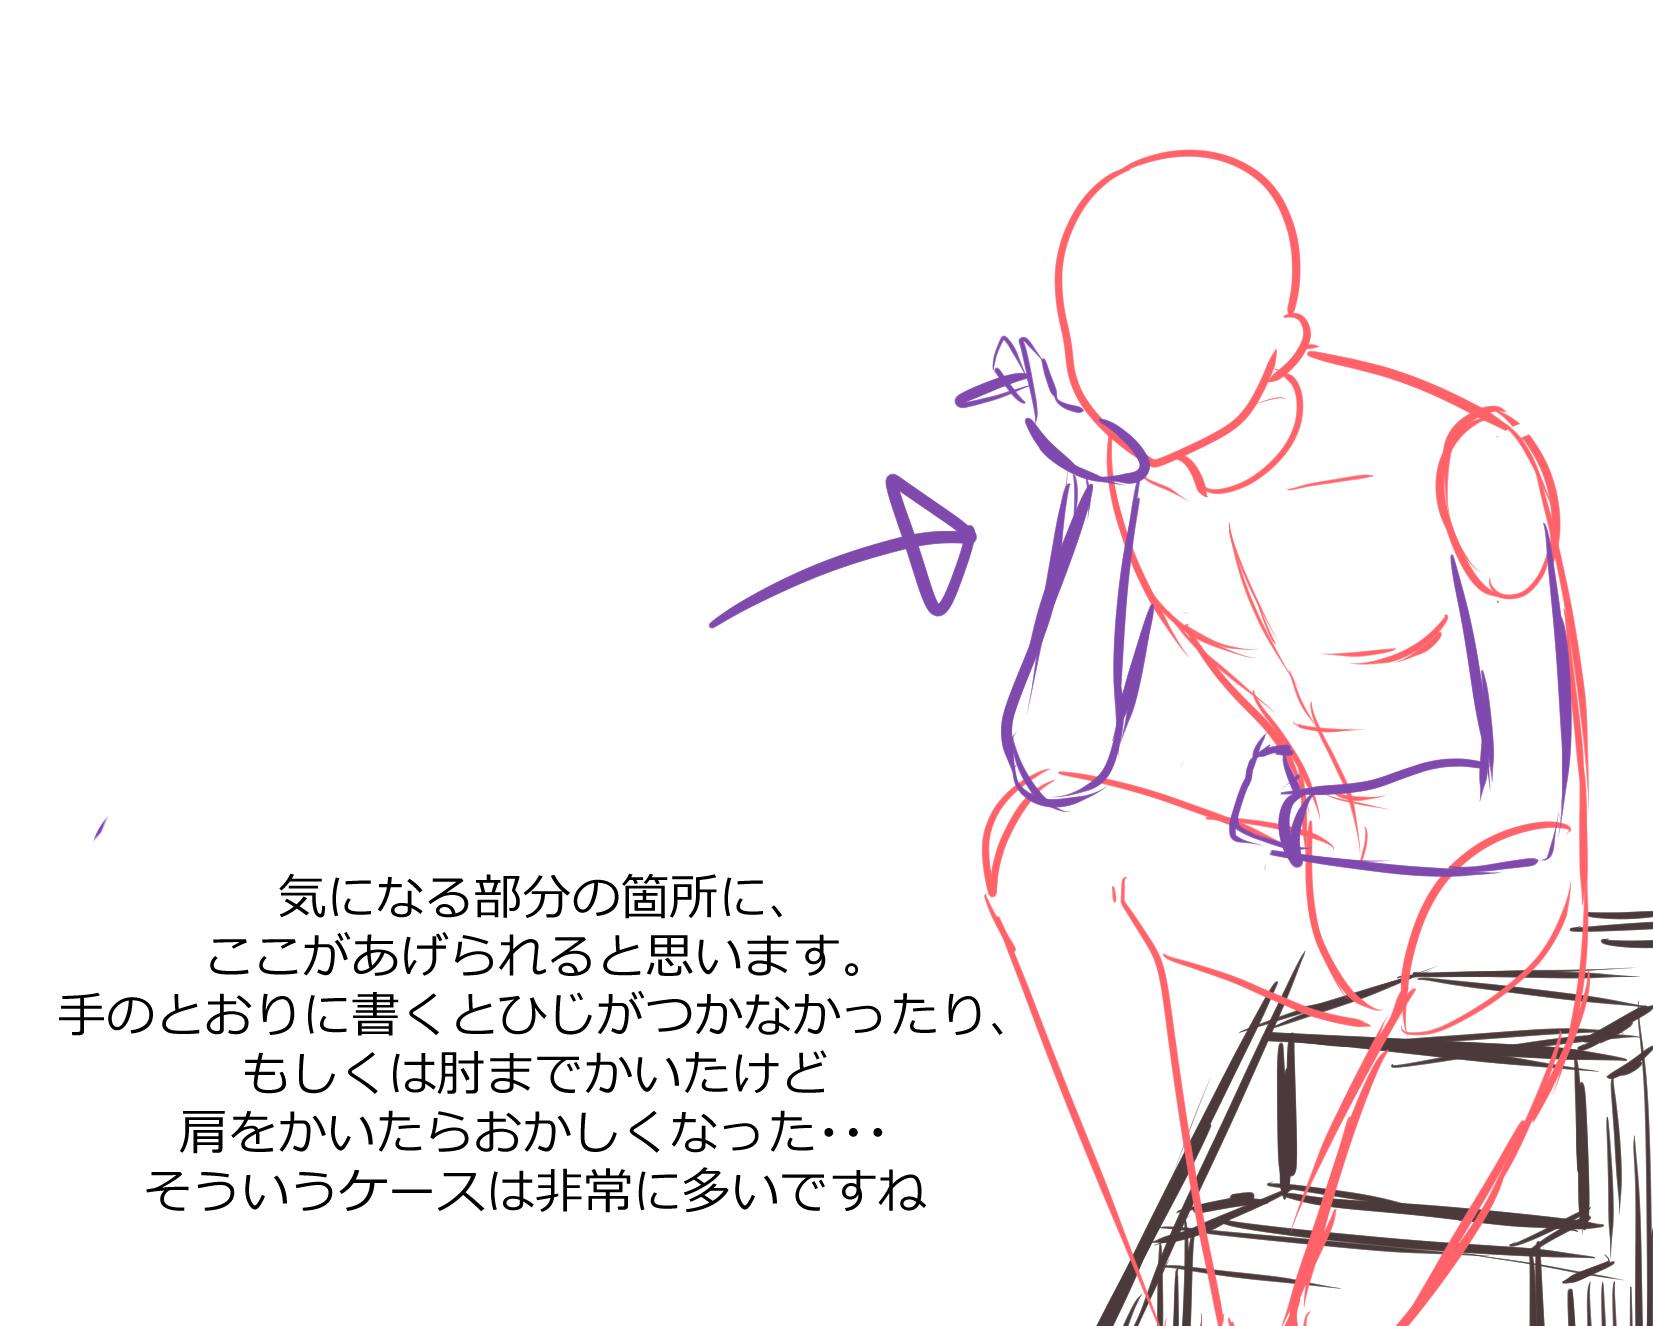 JgG4dclm_8.jpg